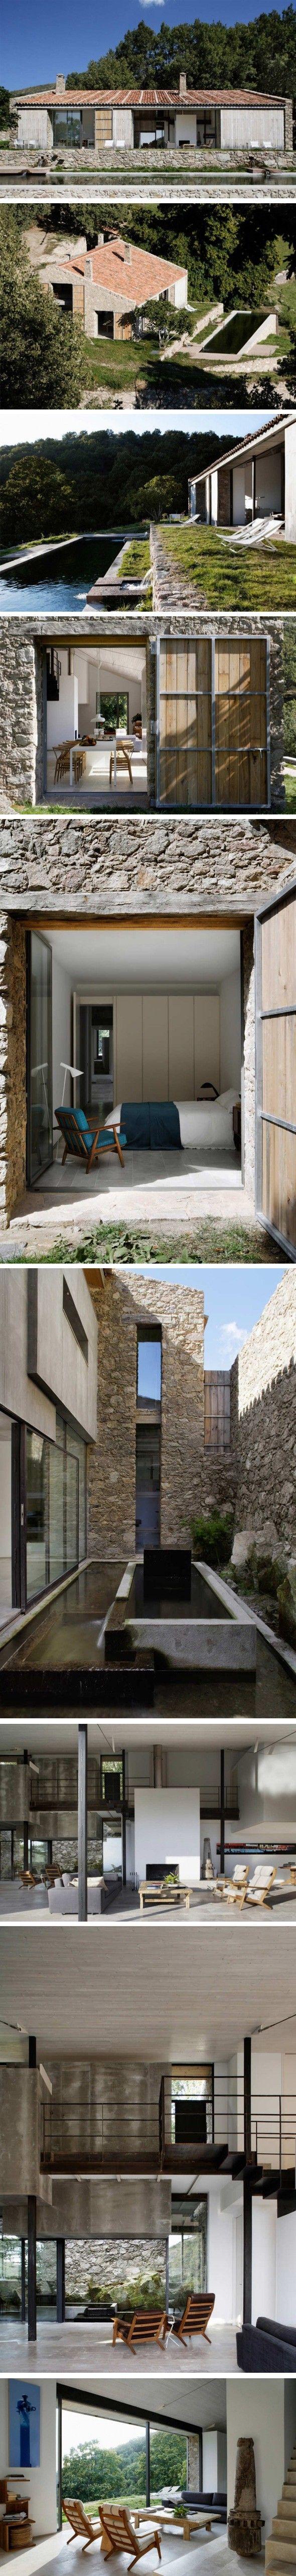 Maison pierres rénovée.